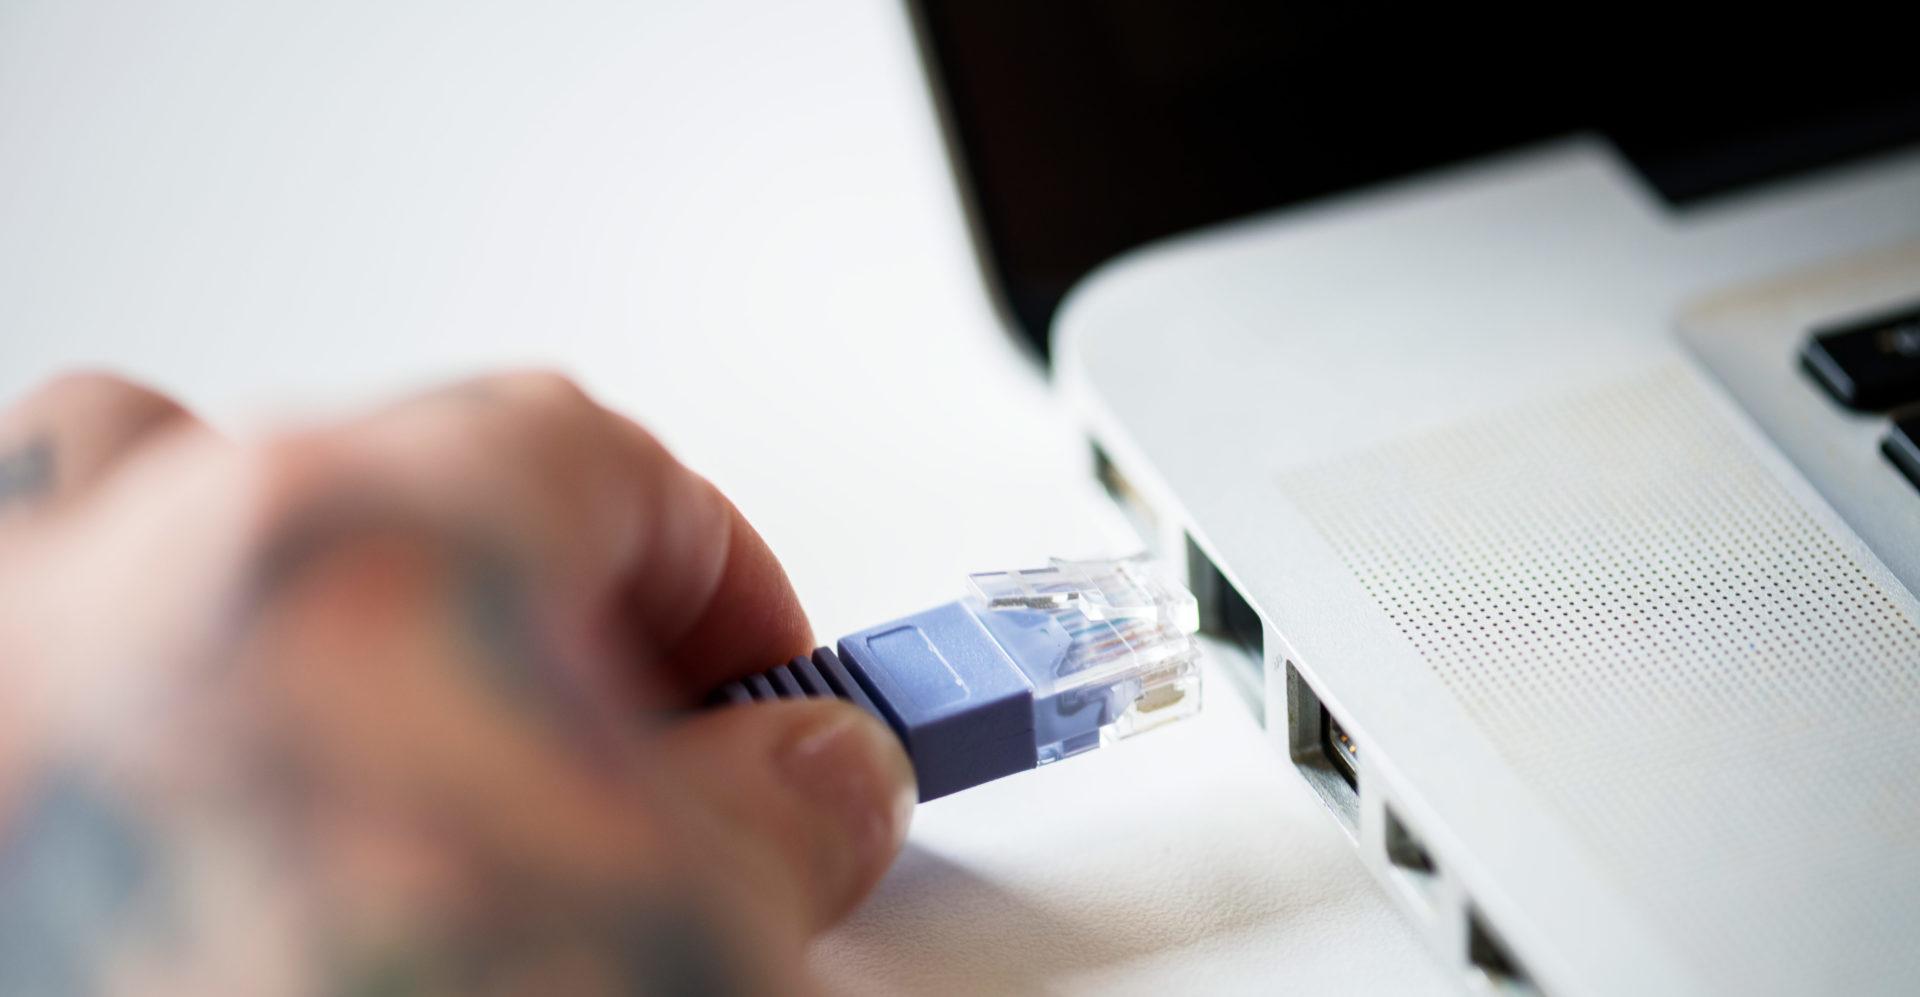 cara menyambungkan kabel lan ke laptop